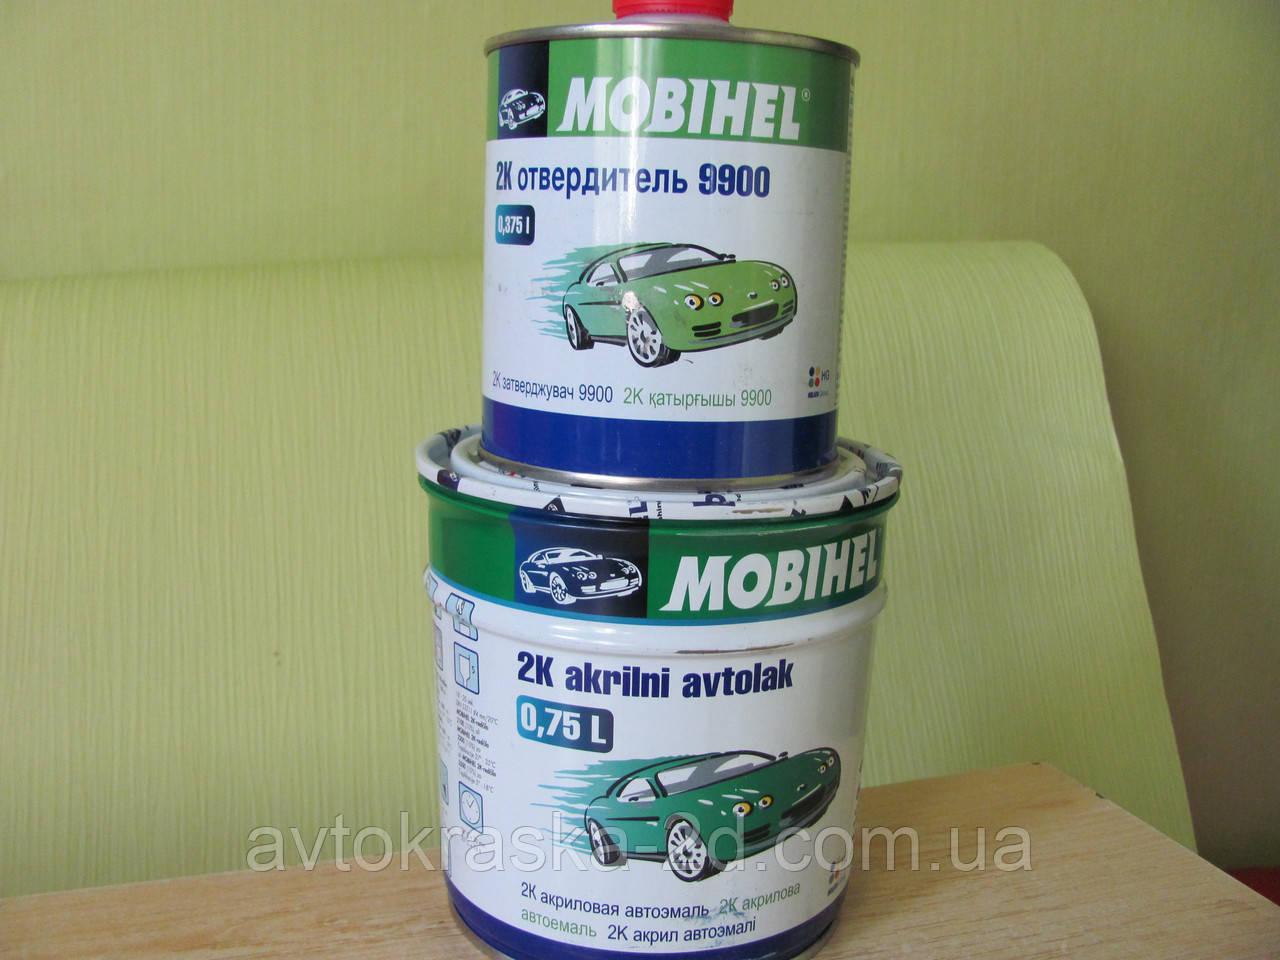 Акриловая автокраска MOBIHEL Несси № 368 (0,75 л) + отвердитель 9900 0,375 л, фото 1